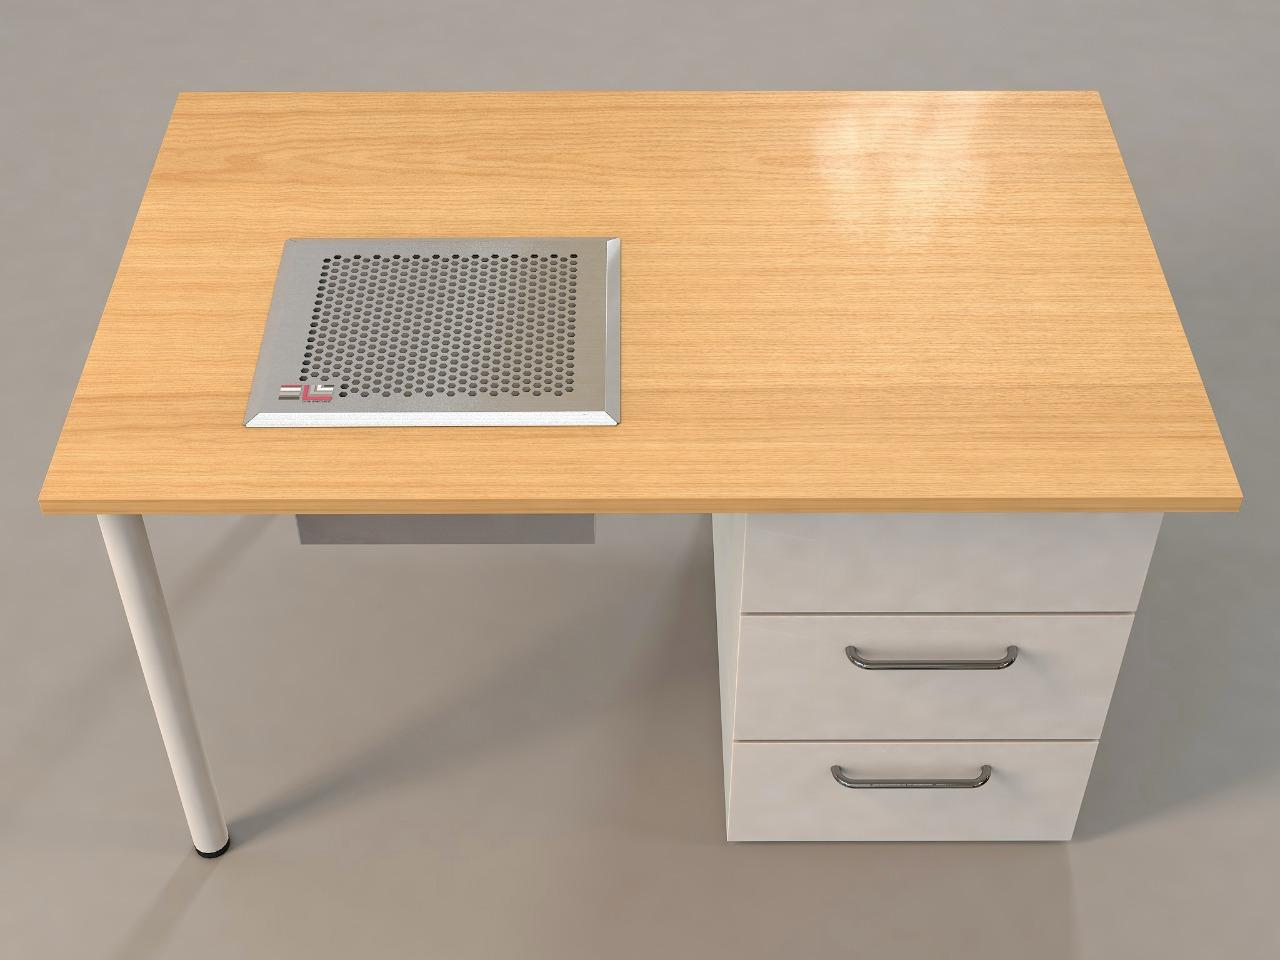 Профессиональная встраиваямая вытяжка для маникюрного стола - ONE Element